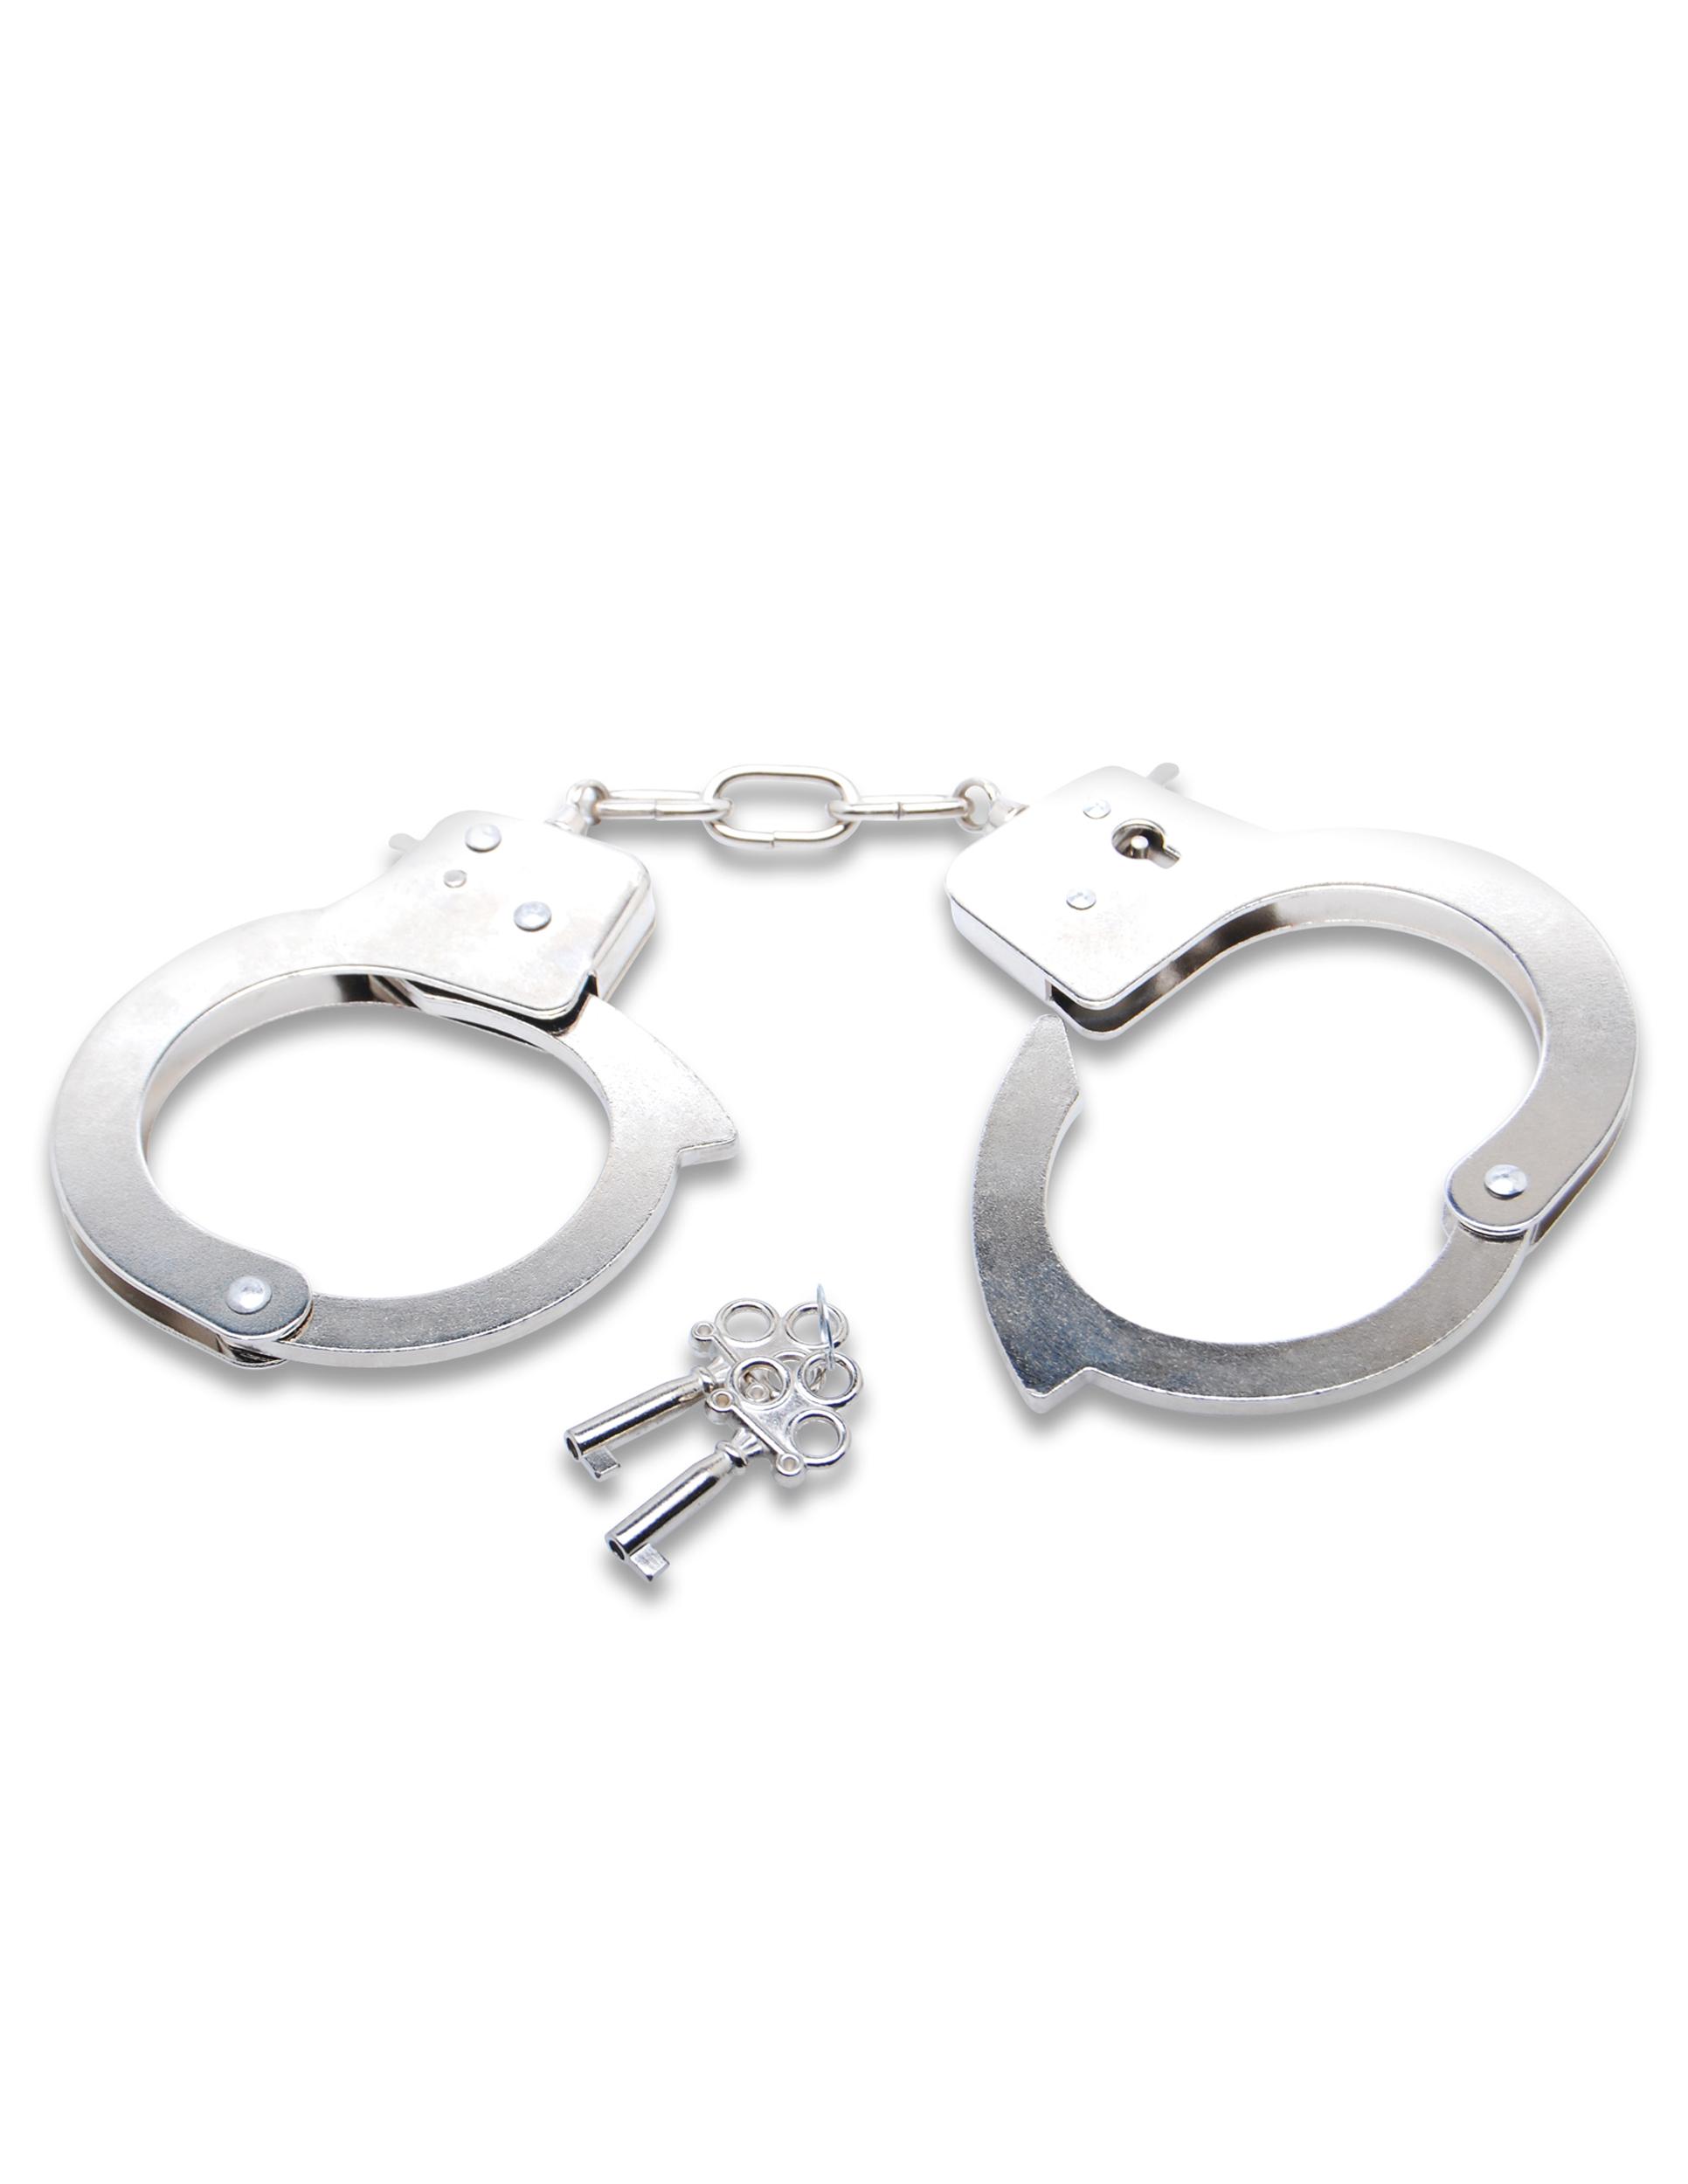 Полицейски белезници с бутон за бързо освобождаване – Official Handcuffs, Fetish Fantasy